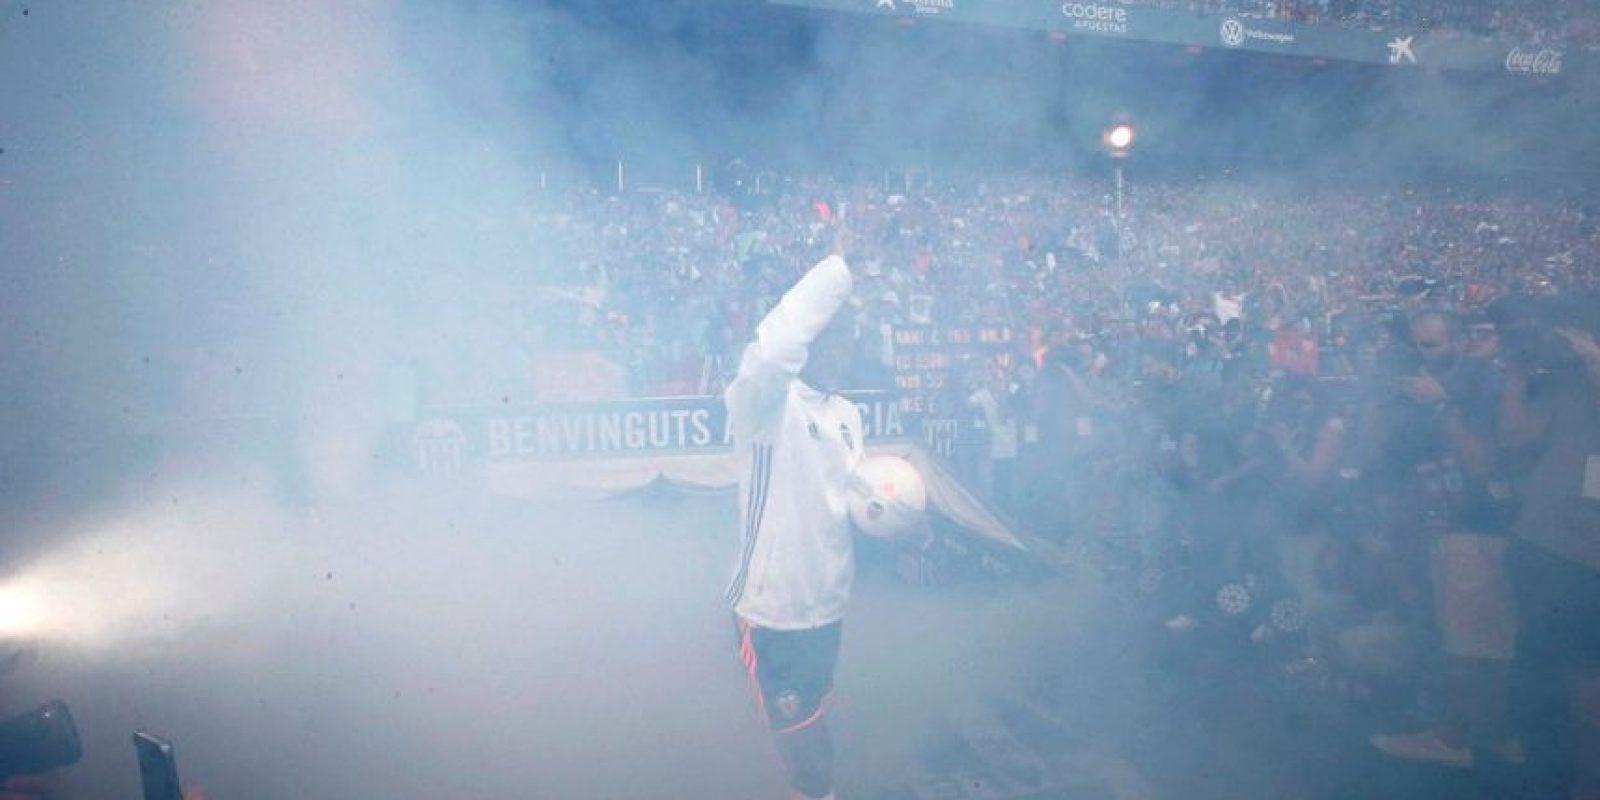 El portugués y recientemente campeón de la Eurocopa causó expectación de los hinchas Foto:Twitter Valencia